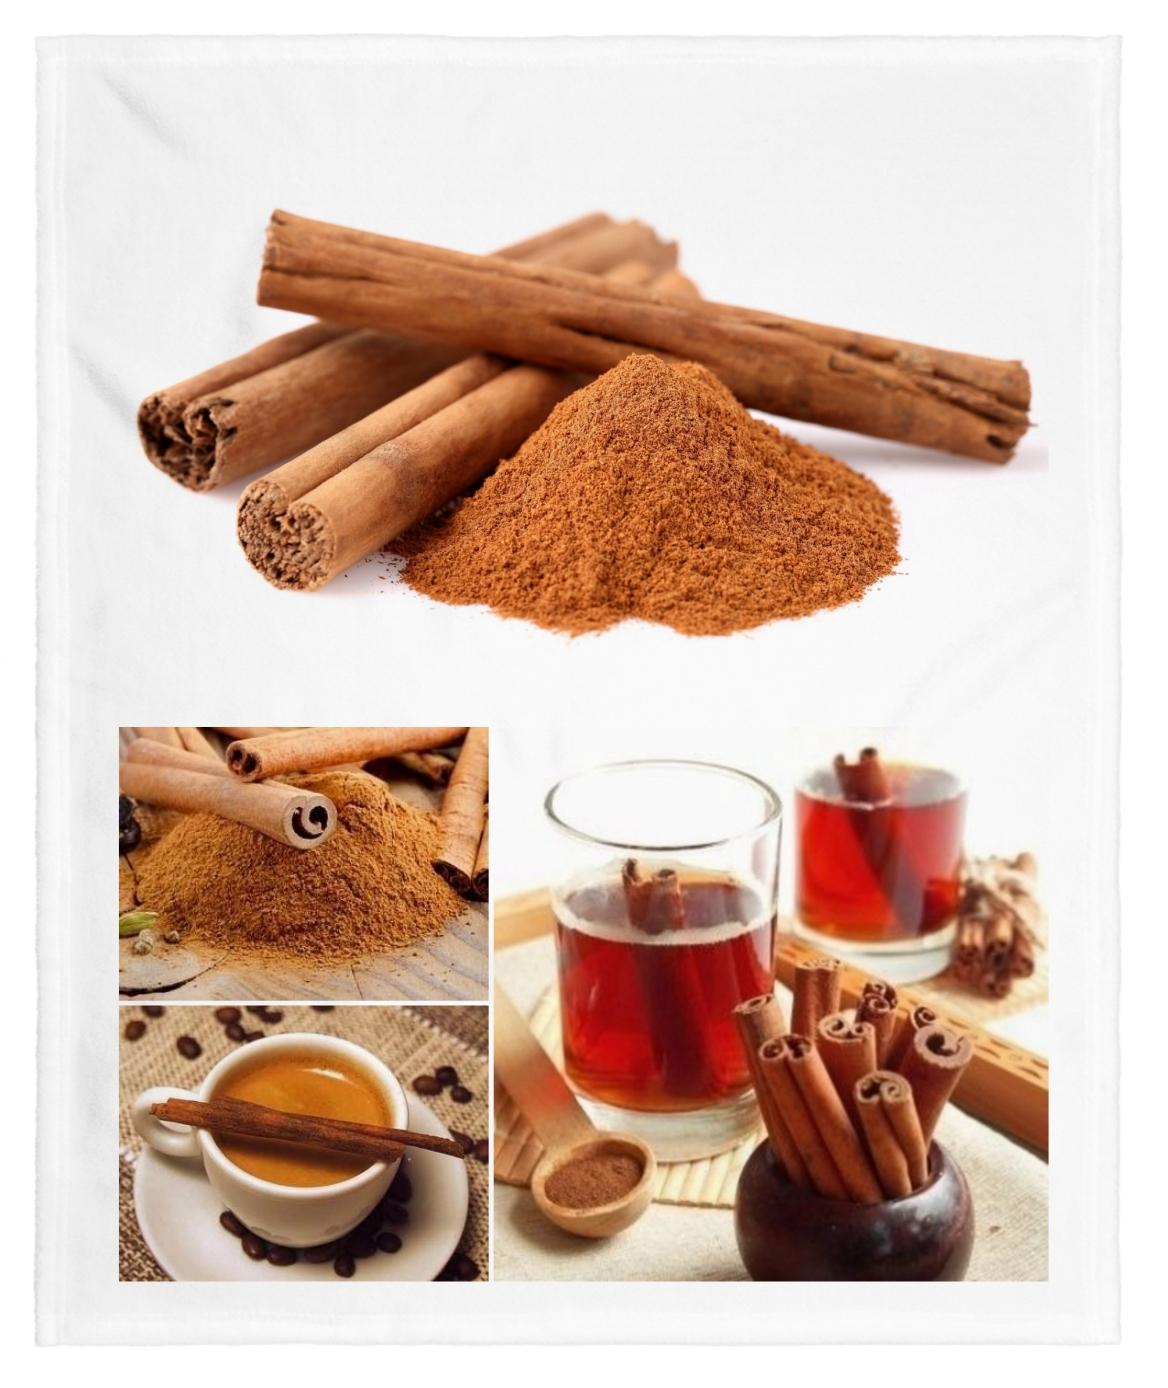 Contraindicaciones de miel con canela